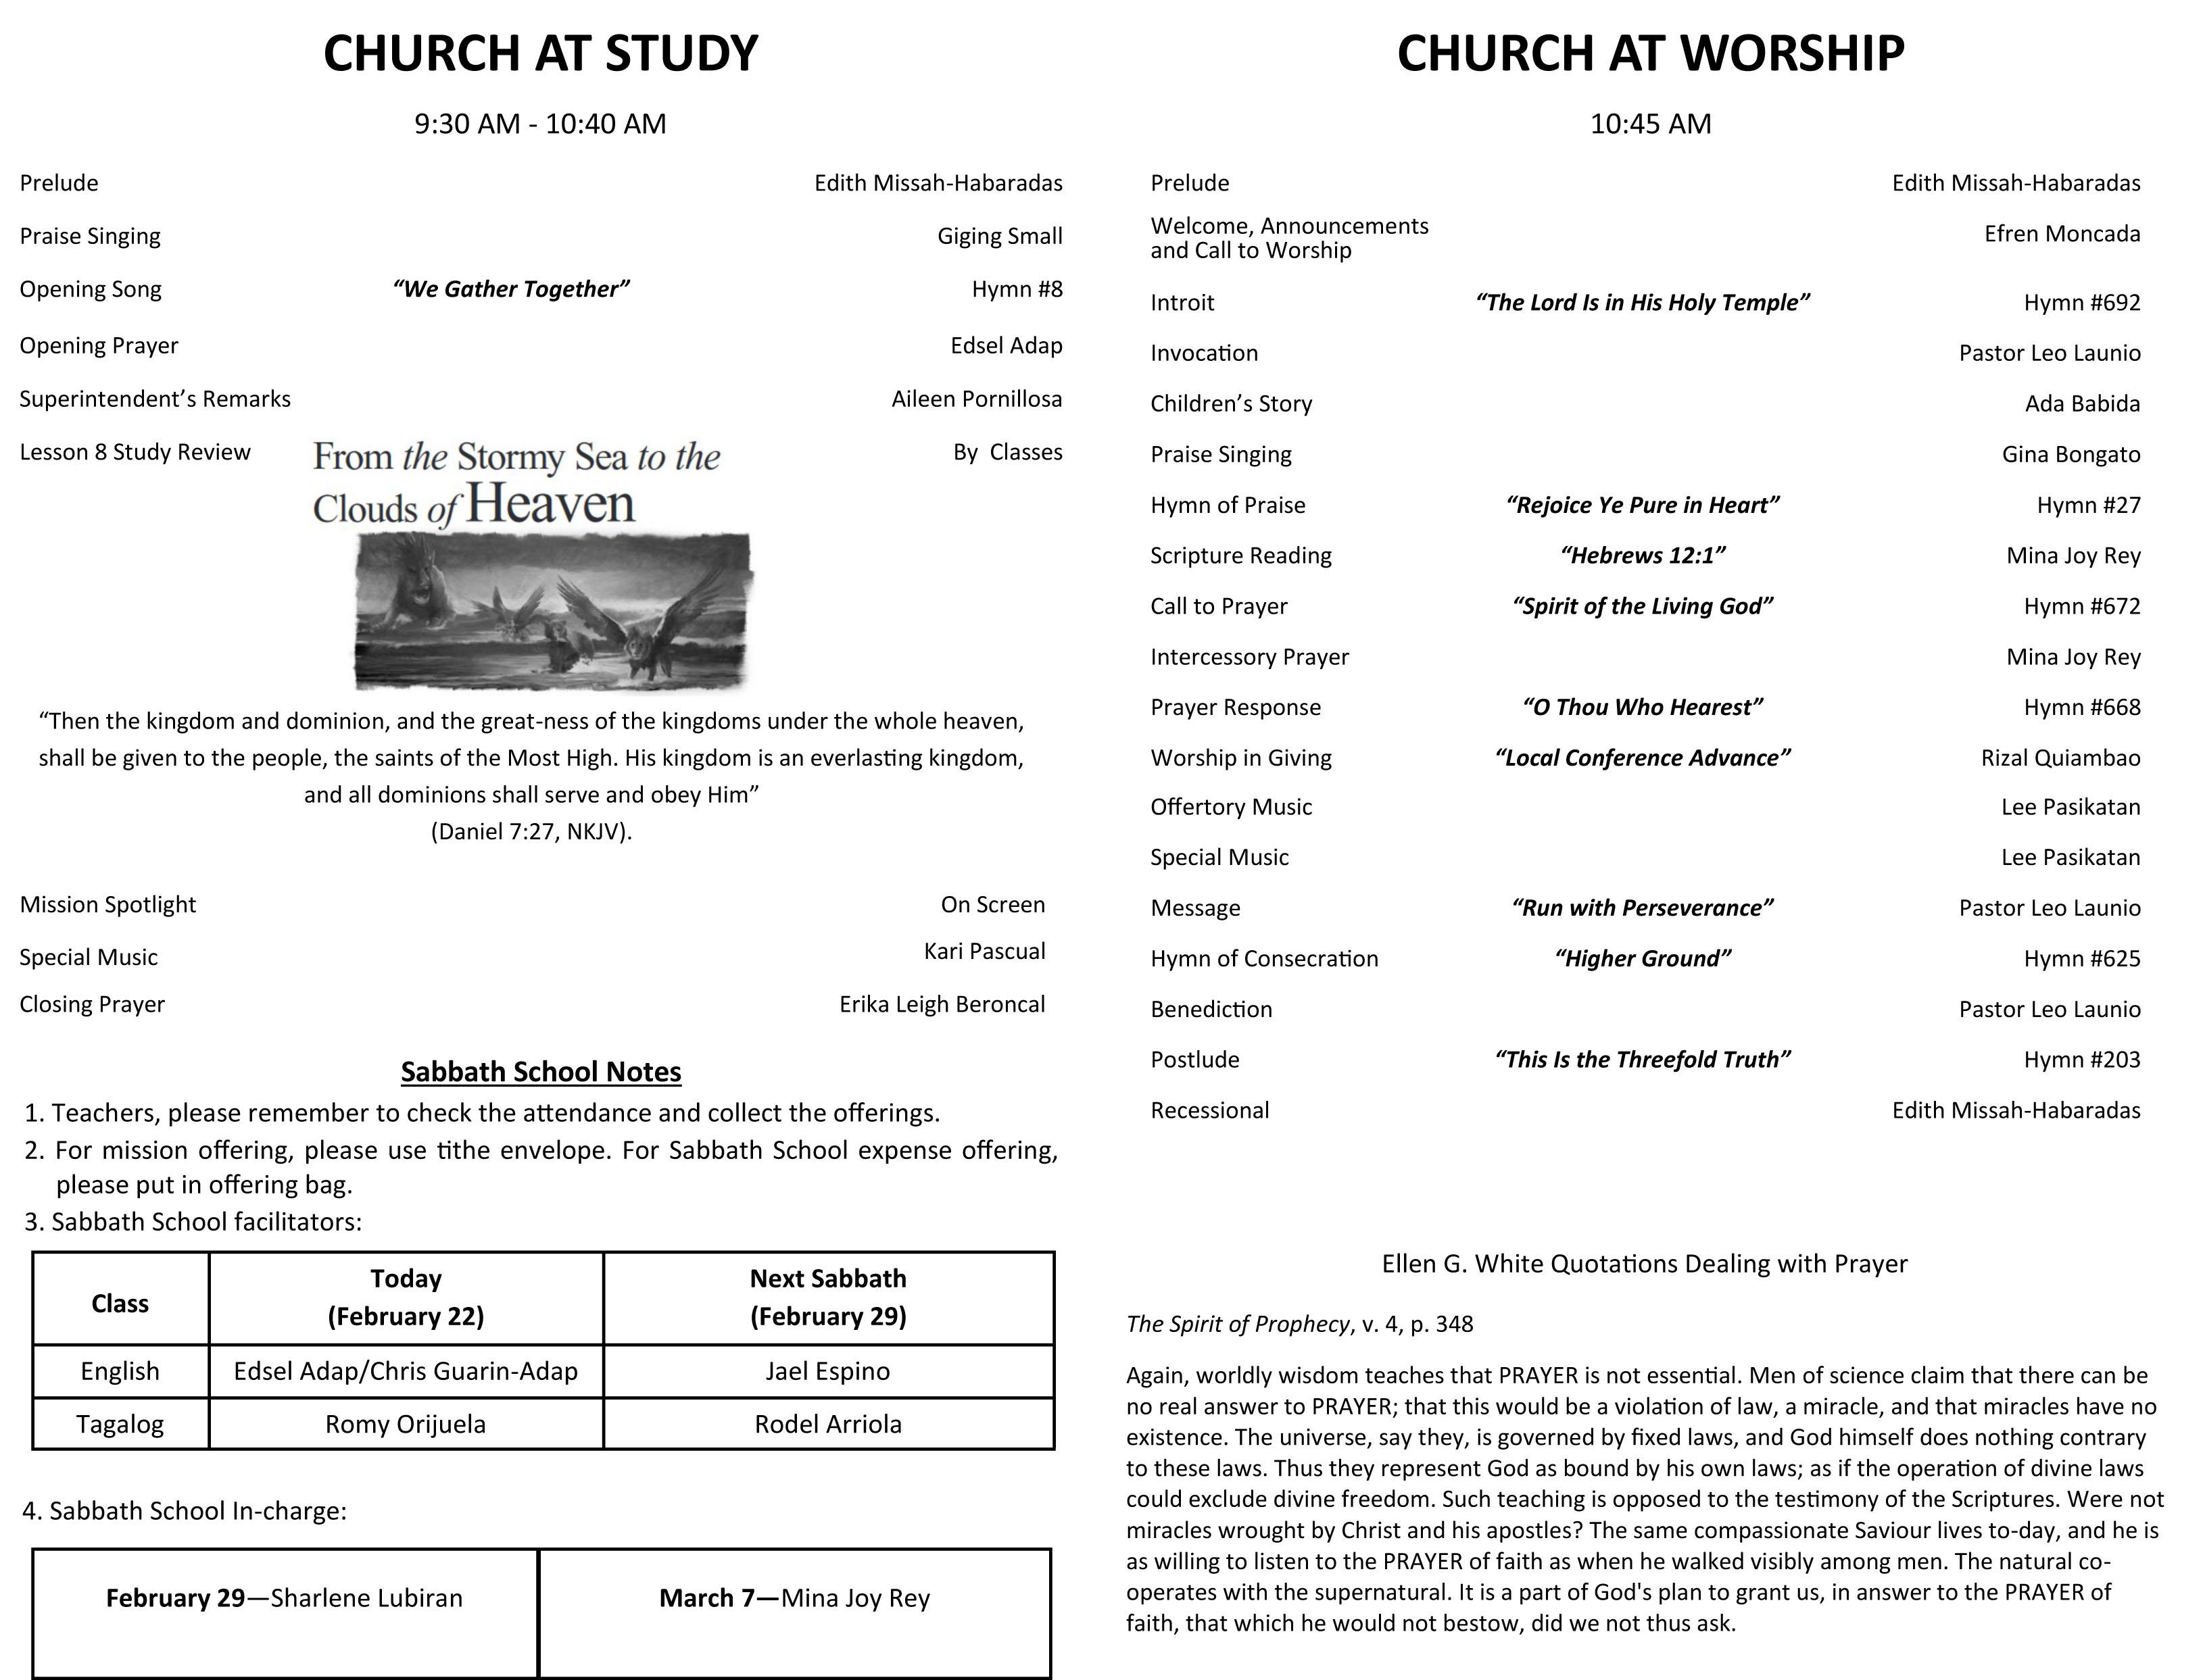 DFCC Church Bulletin February 22, 2020